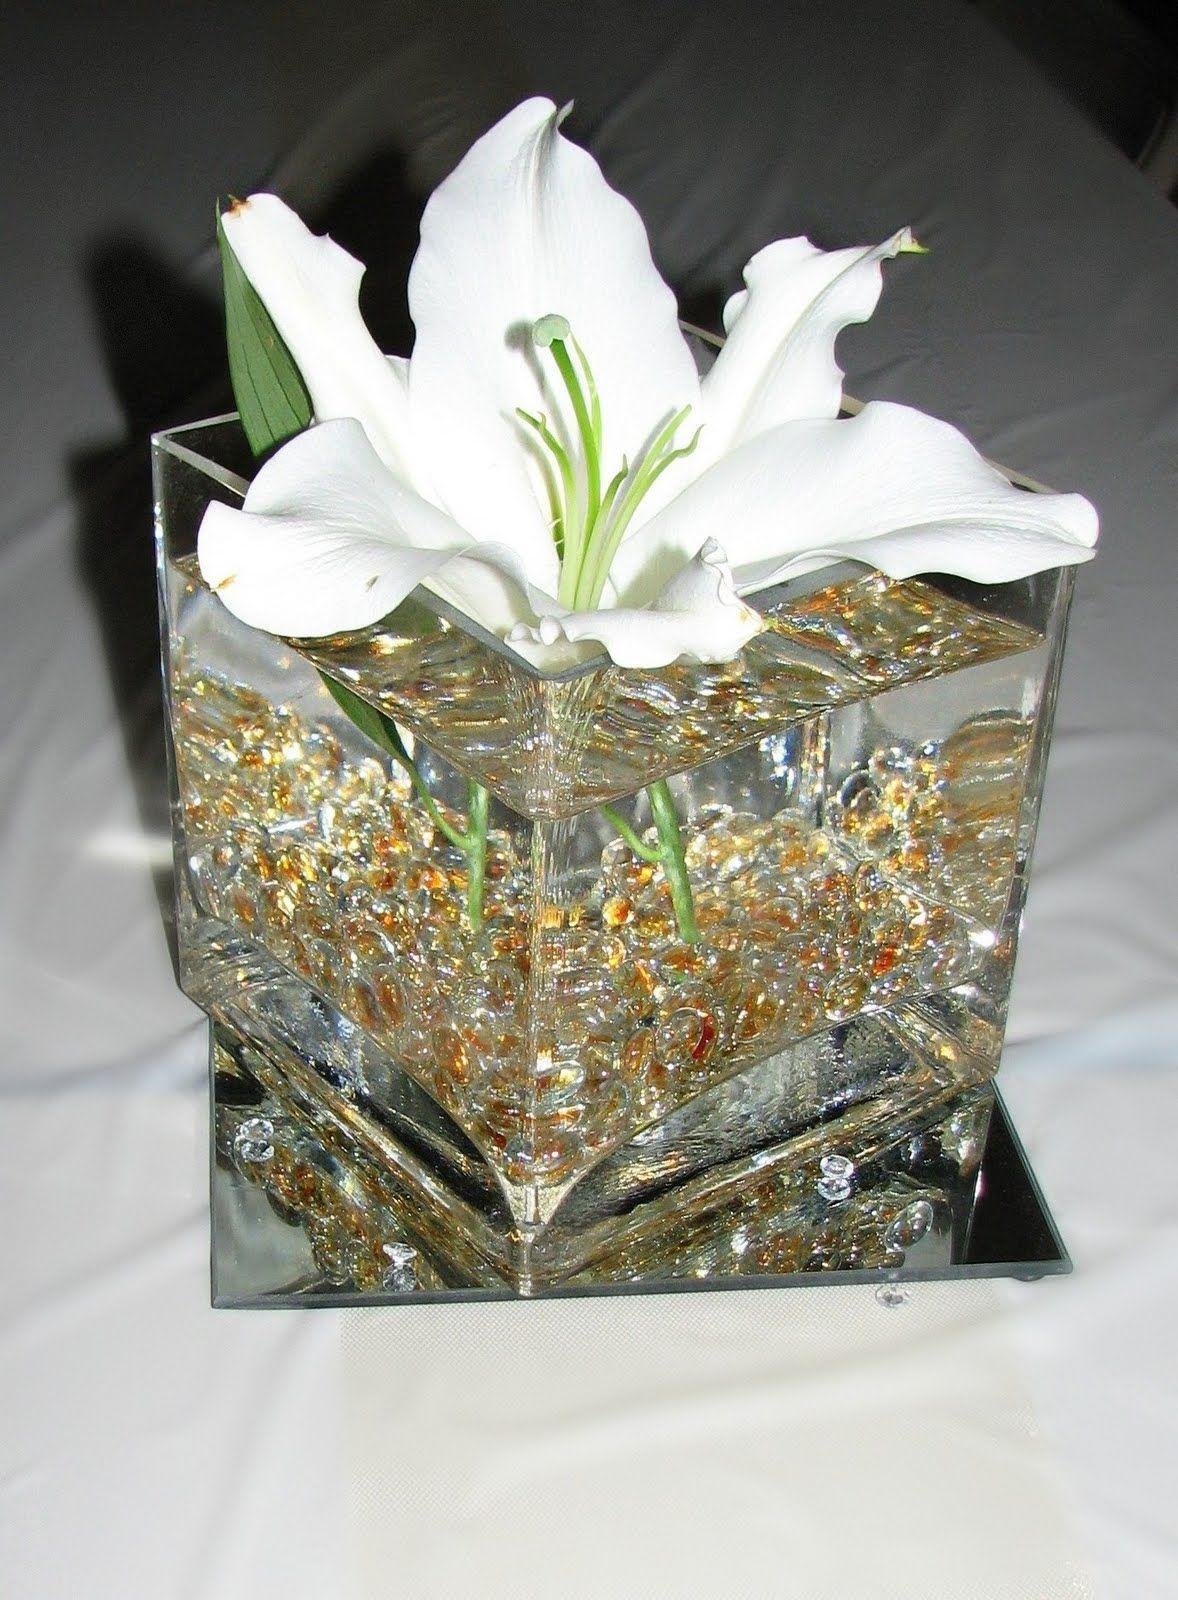 50th+wedding+anniversary+party+ideas 50th Wedding